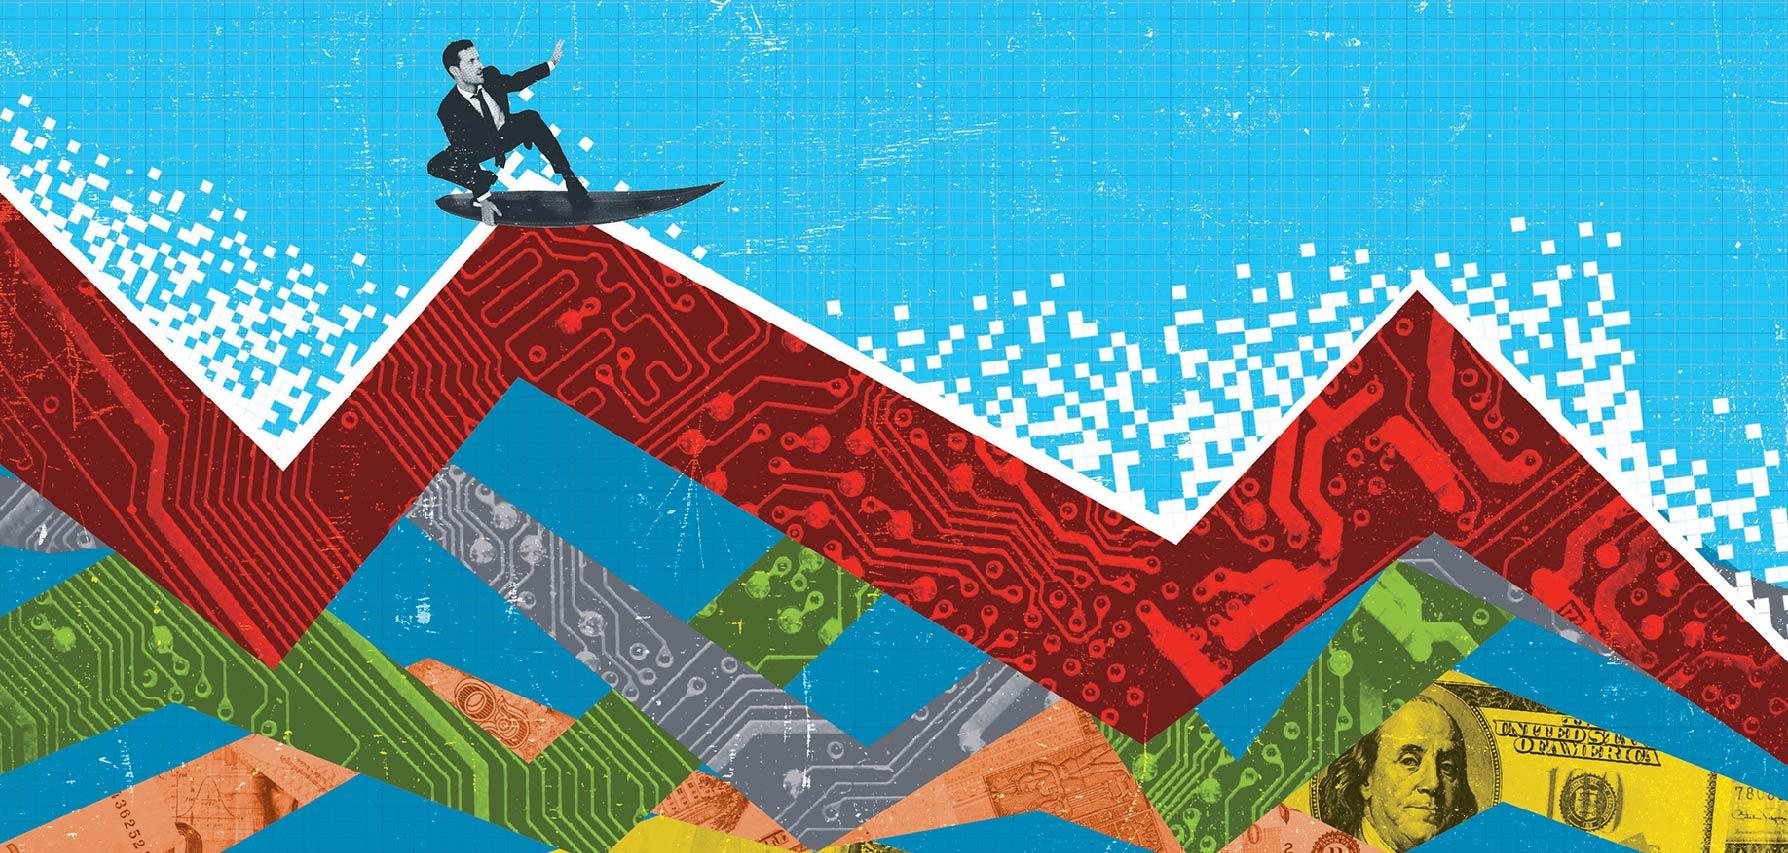 Asian Investor Artwork Illustration by Chris Howlett Dubai